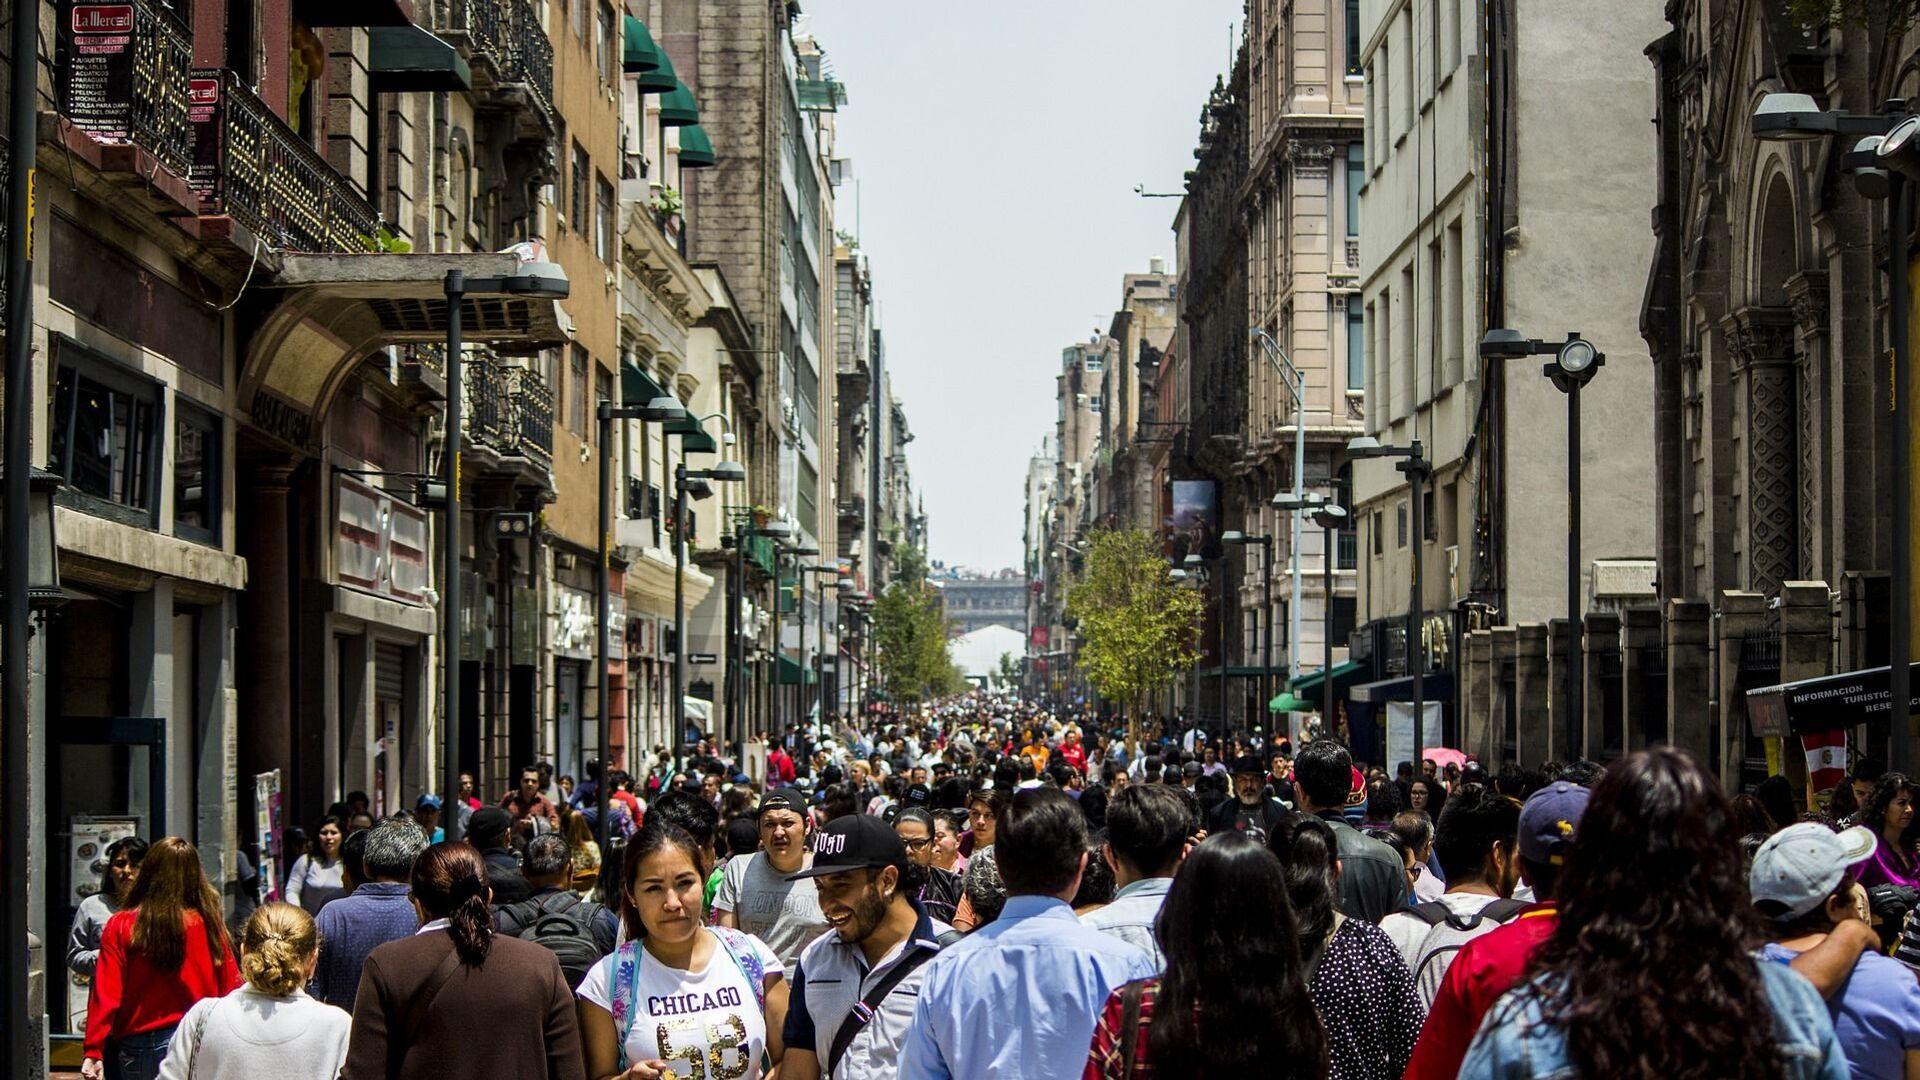 Una calle en Ciudad de México. Imagen referencial - Sputnik Mundo, 1920, 13.02.2021